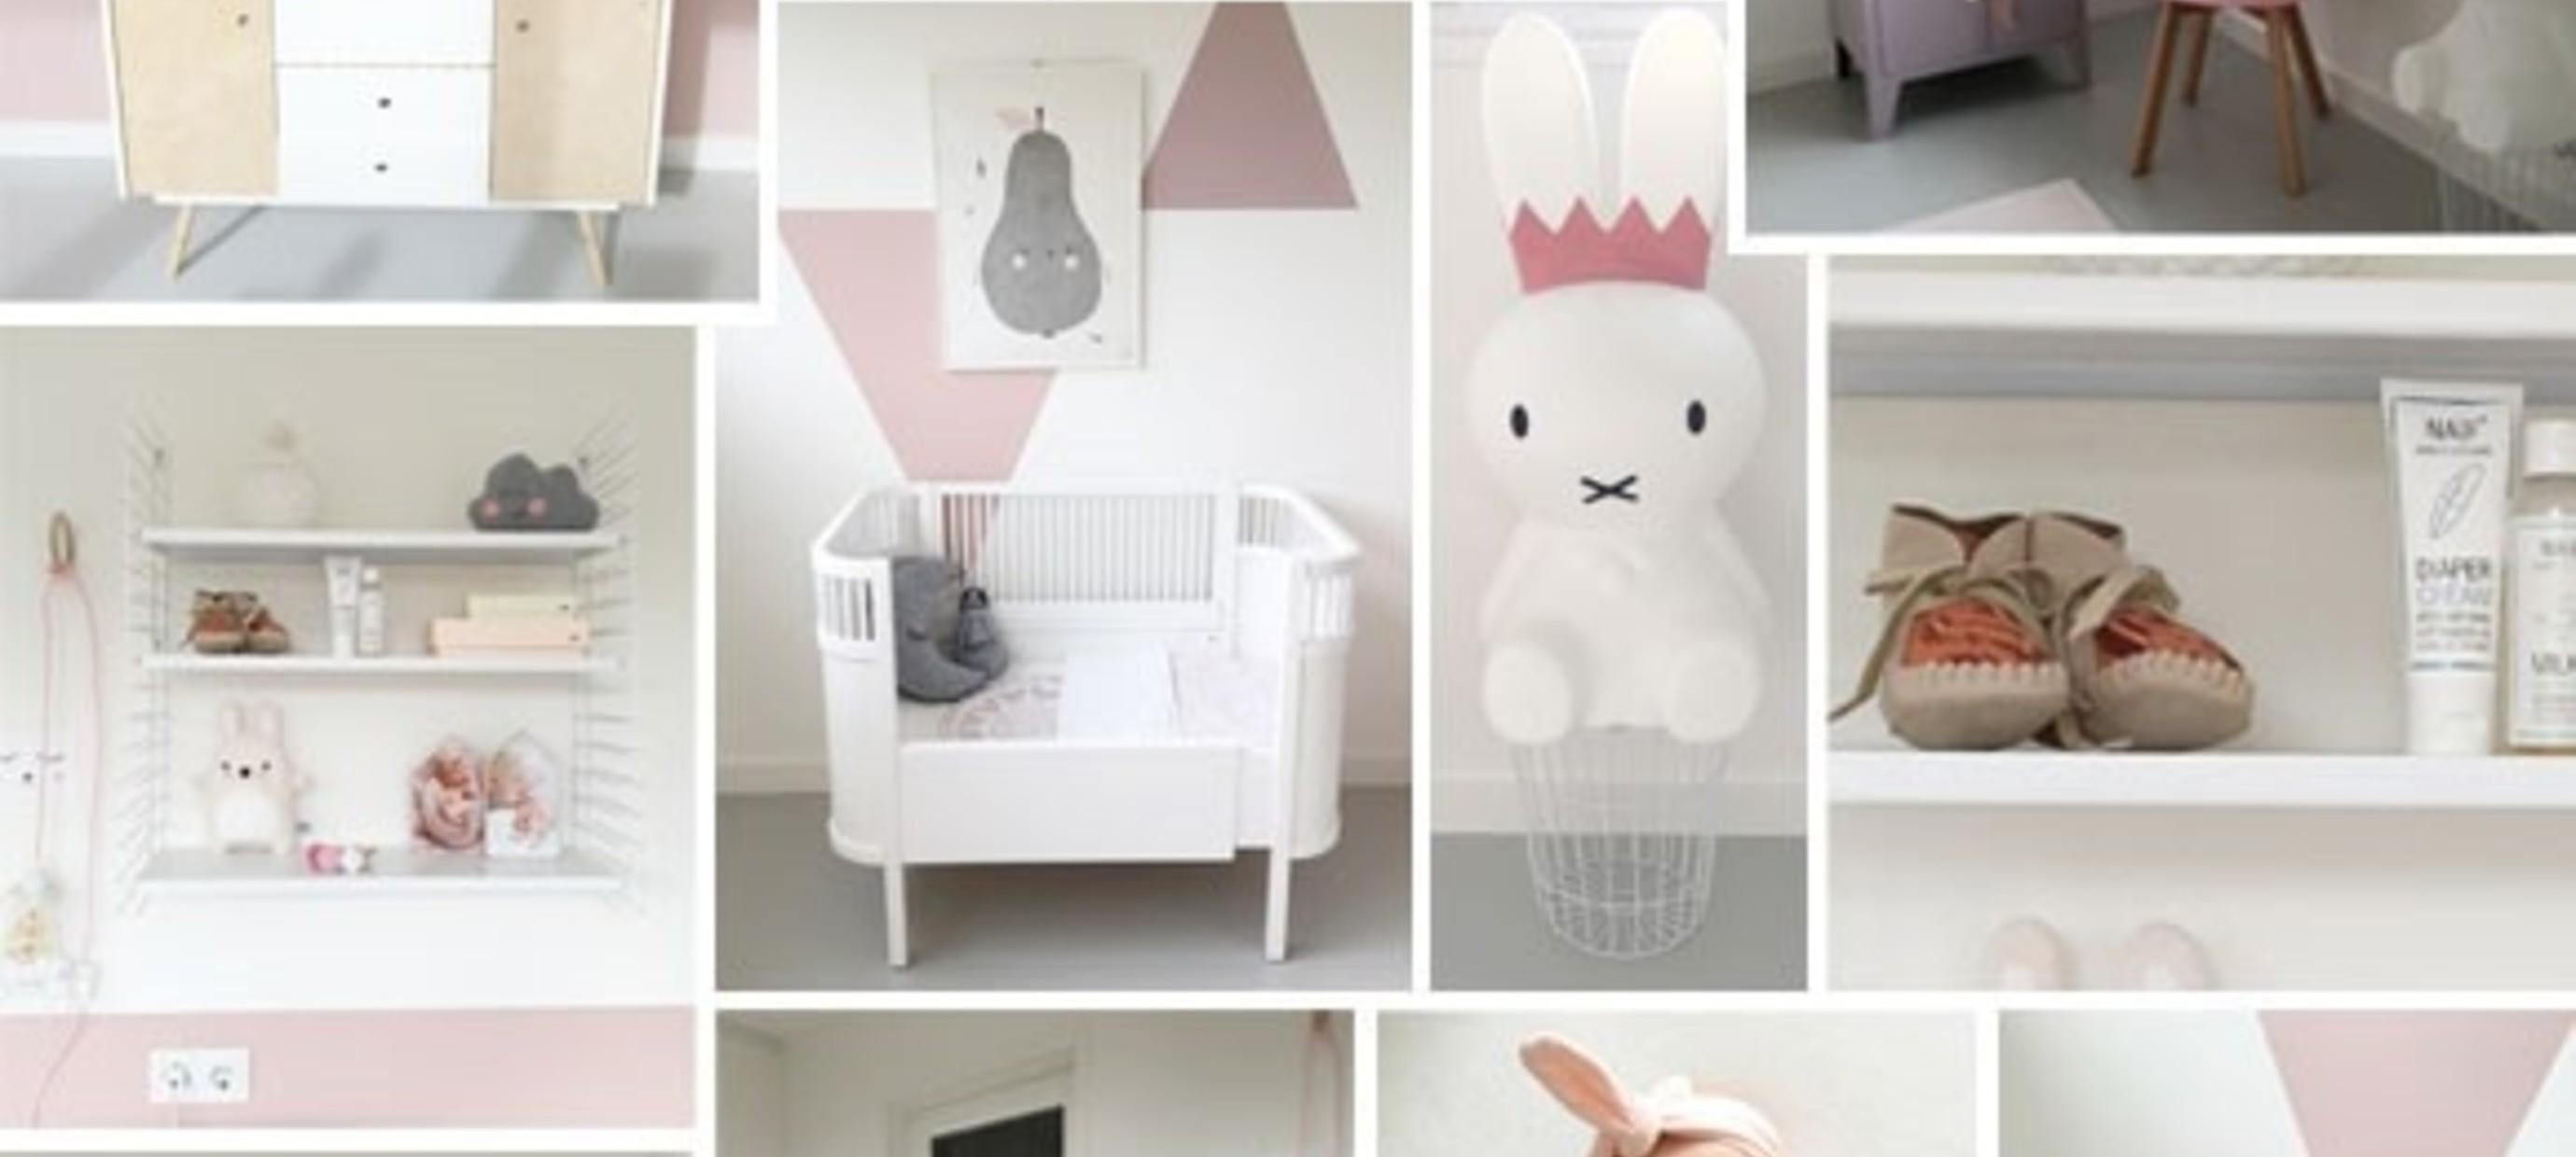 Een kijkje in het kamertje van kleine Vieve